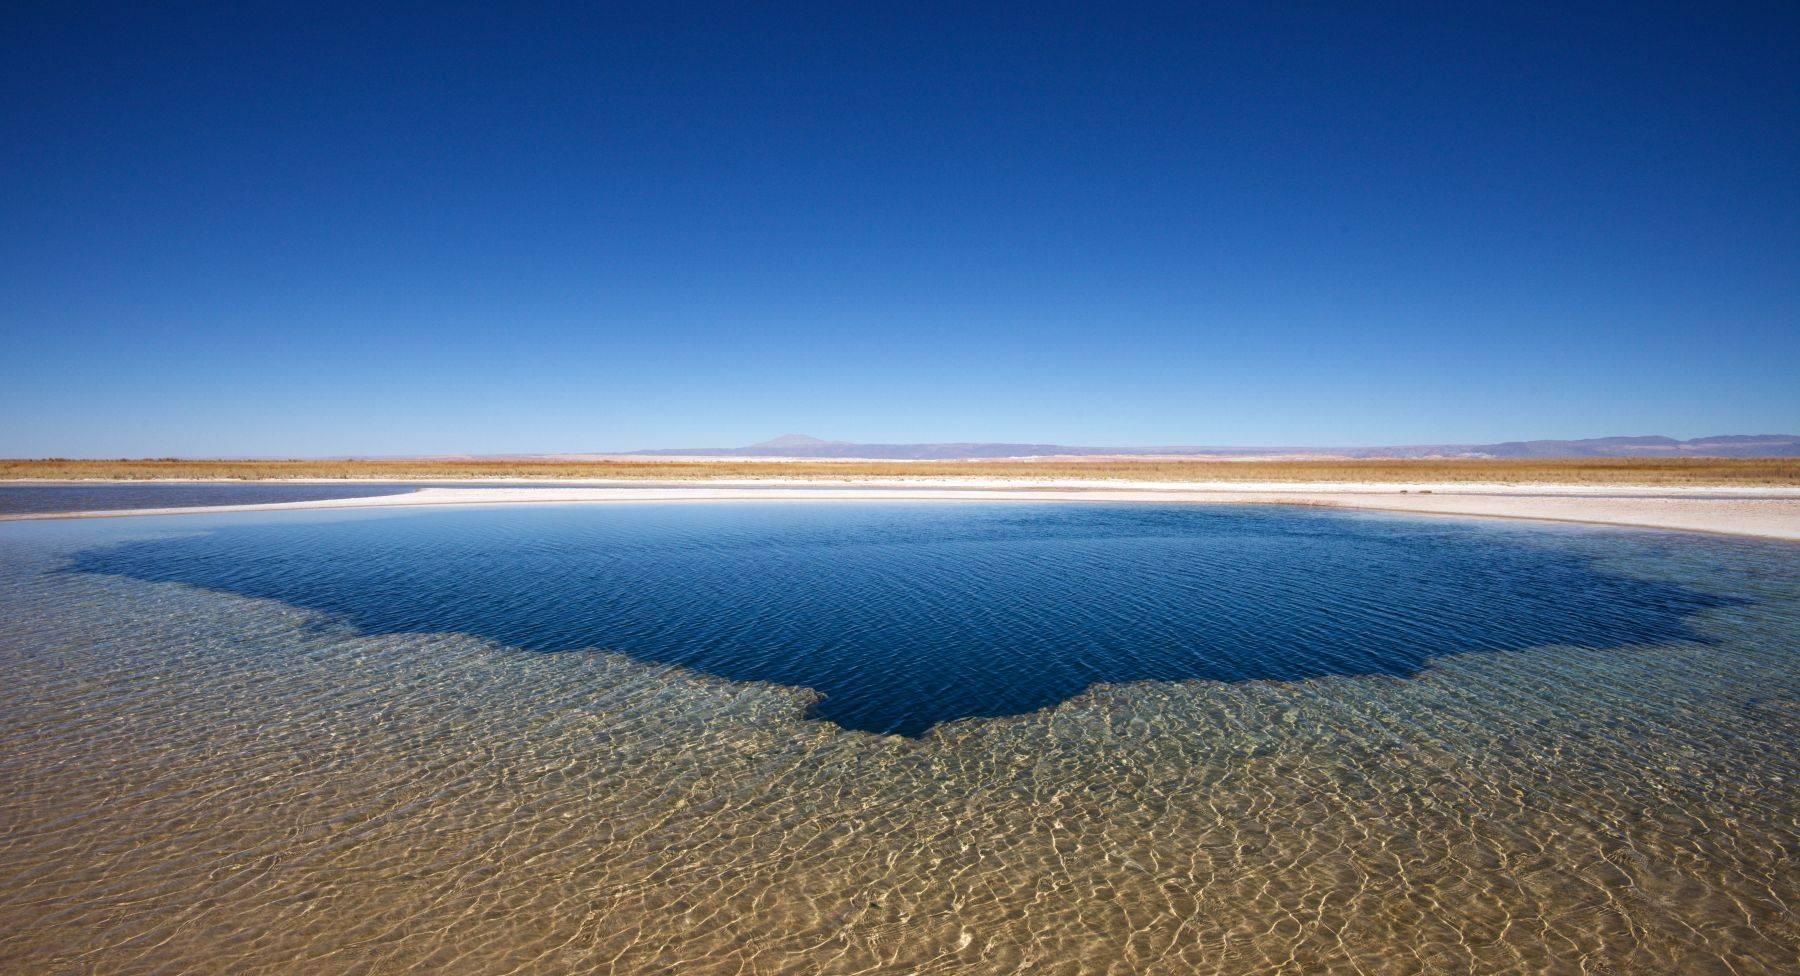 Atacama Desert, San Pedro de Atacama, Chile